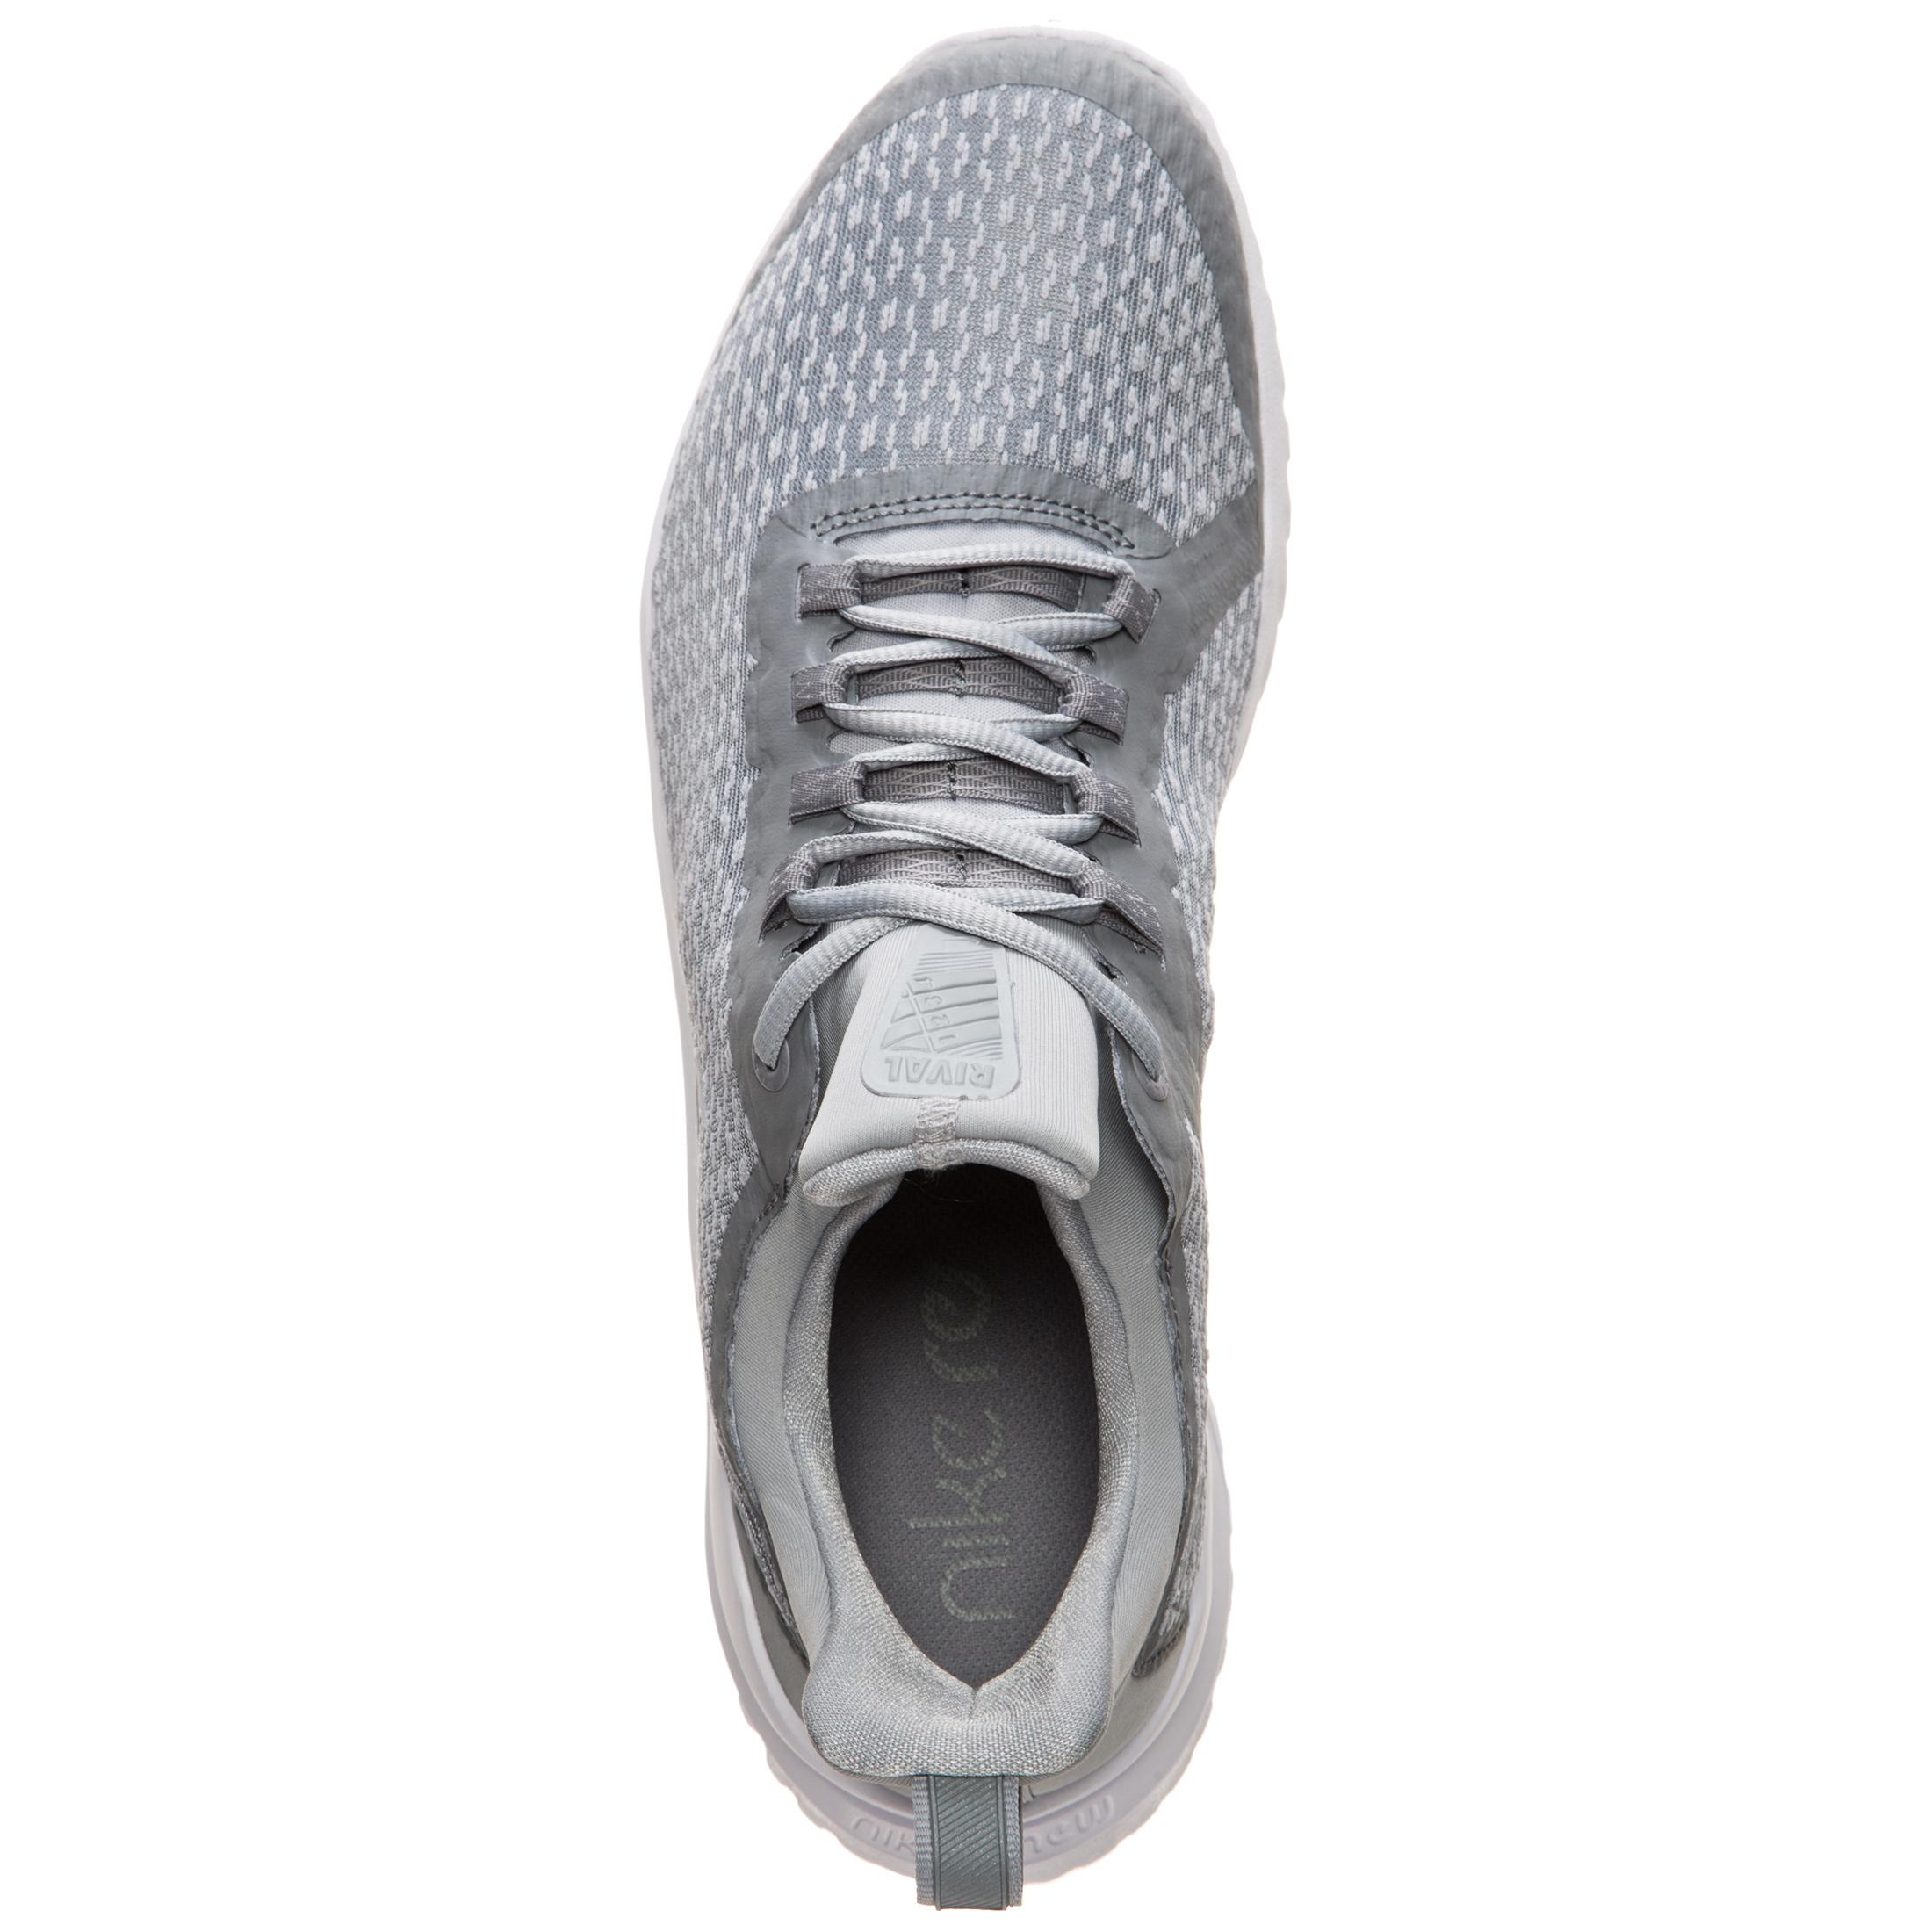 Nike Renew Rival Laufschuhe Herren grau grau grau / weiß im Online Shop von SportScheck kaufen Gute Qualität beliebte Schuhe da24e4